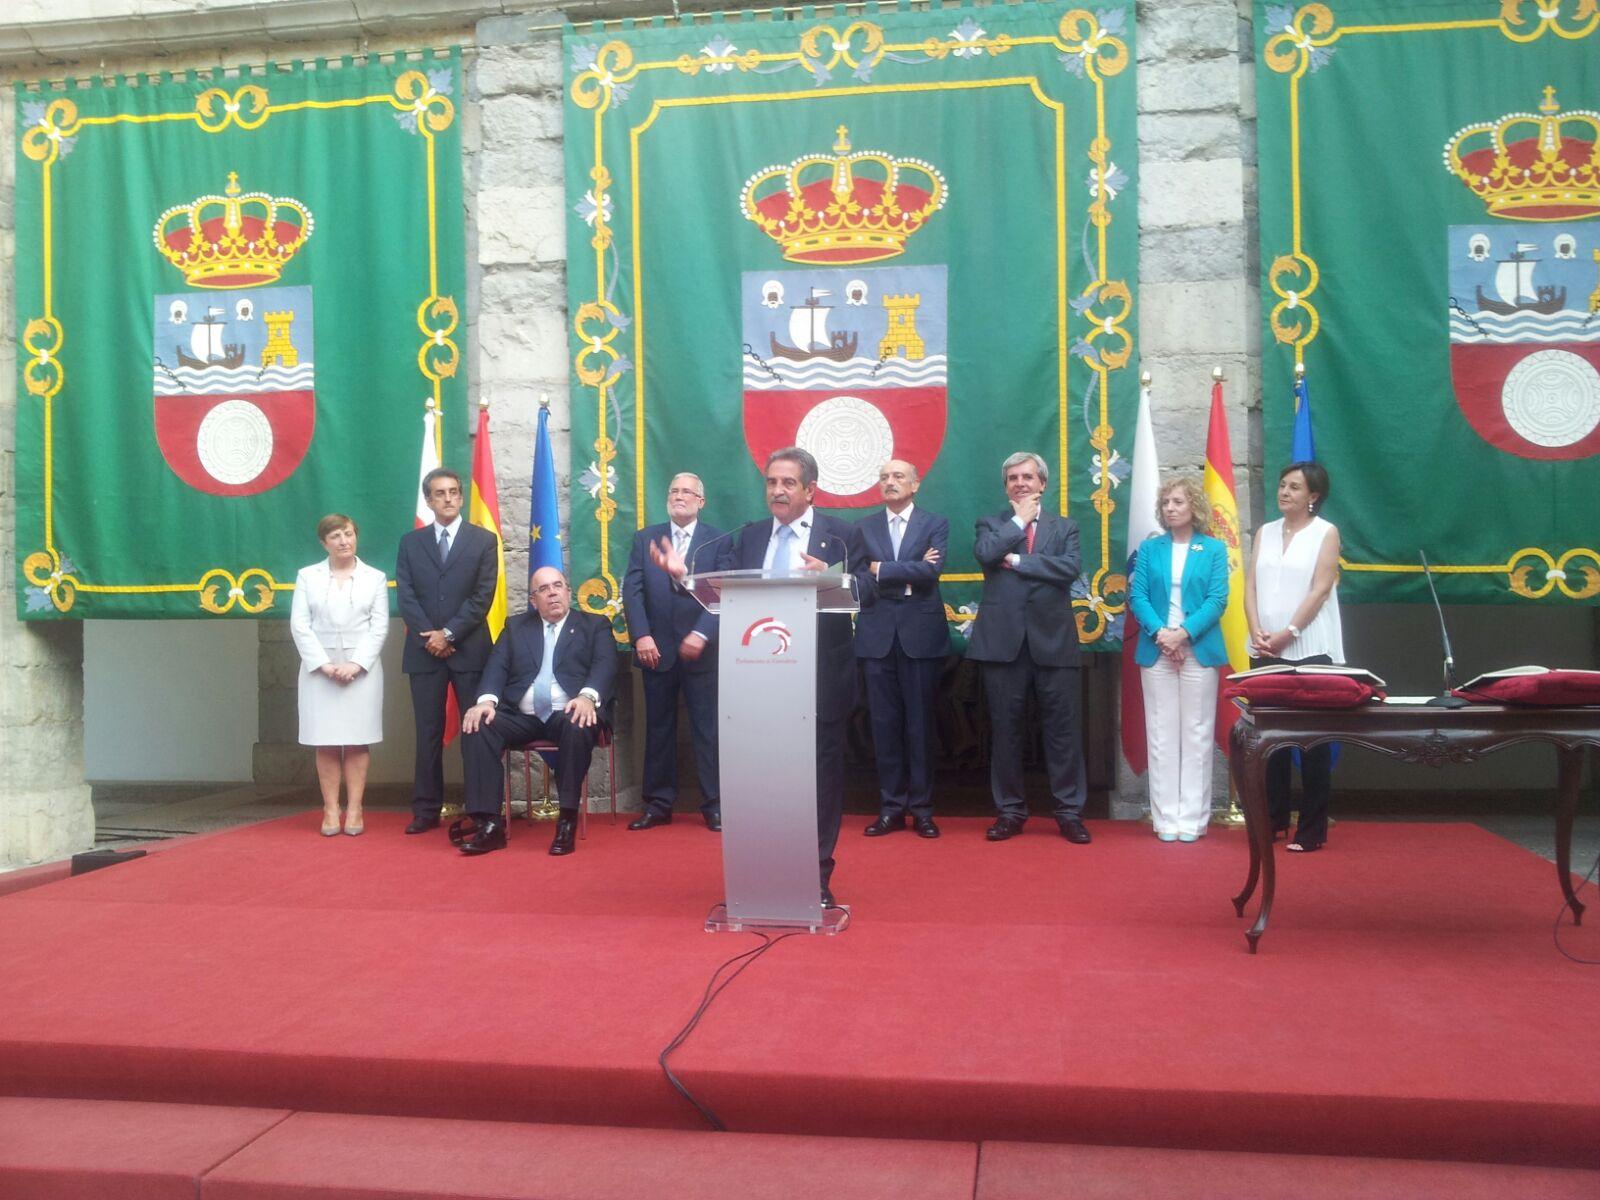 Presentación del Gobierno de Cantabria